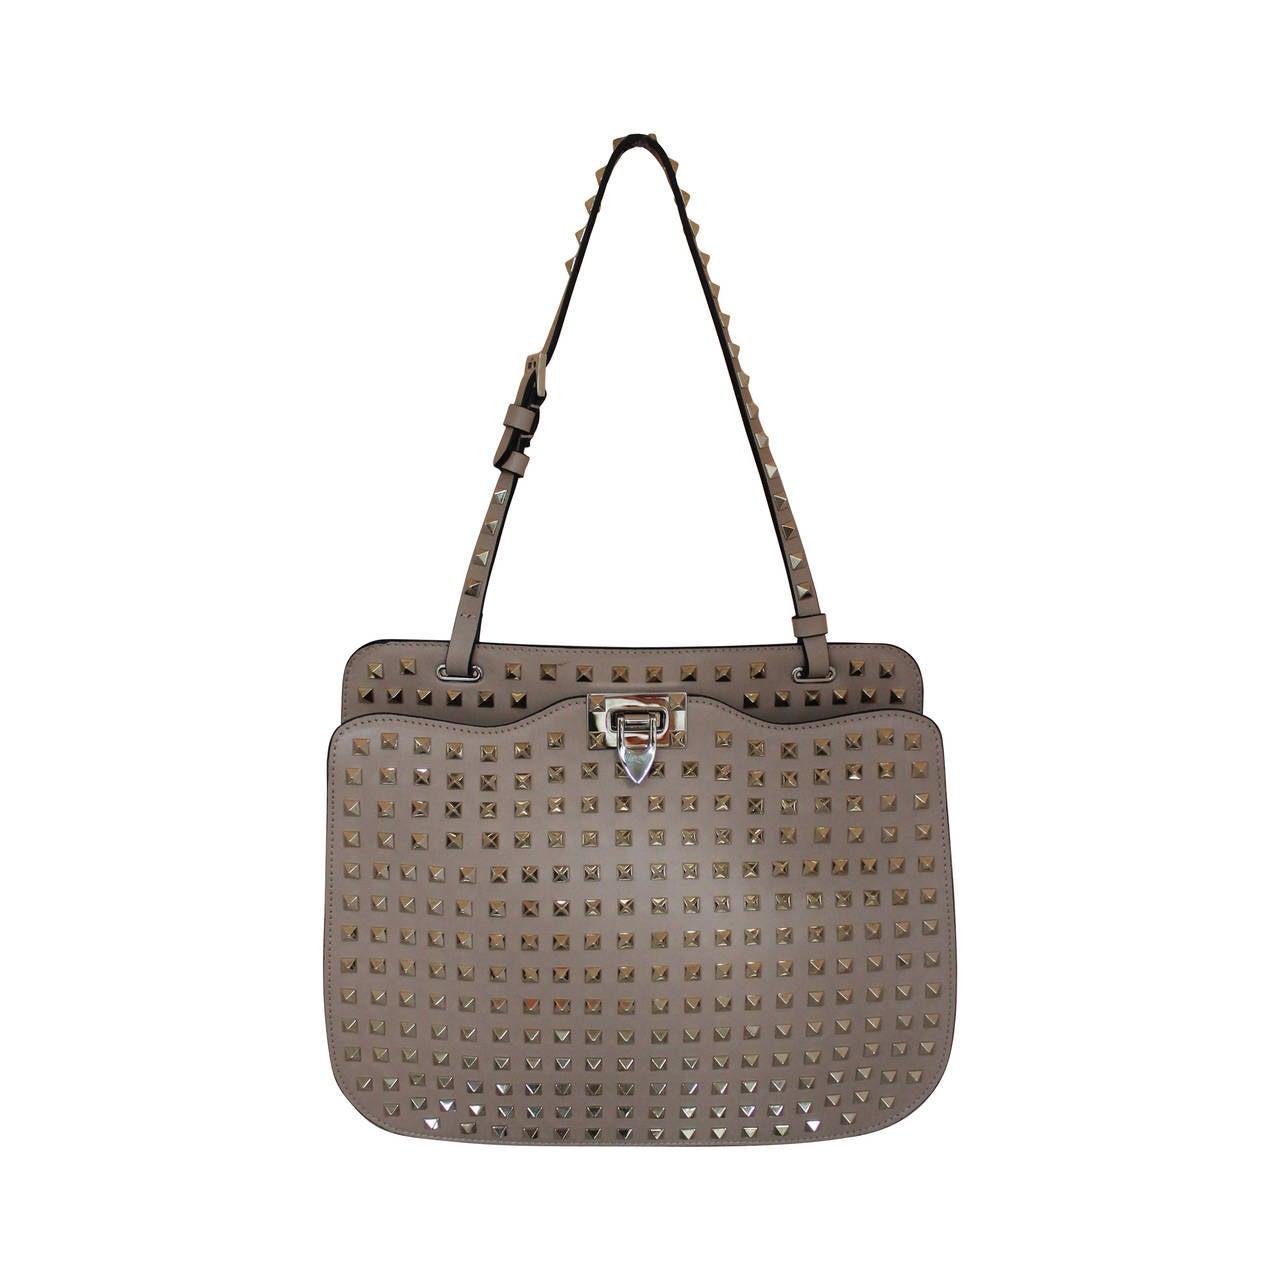 03bb12053619 Valentino Beige Leather Rockstud Single Strap Shoulder Bag For Sale ...